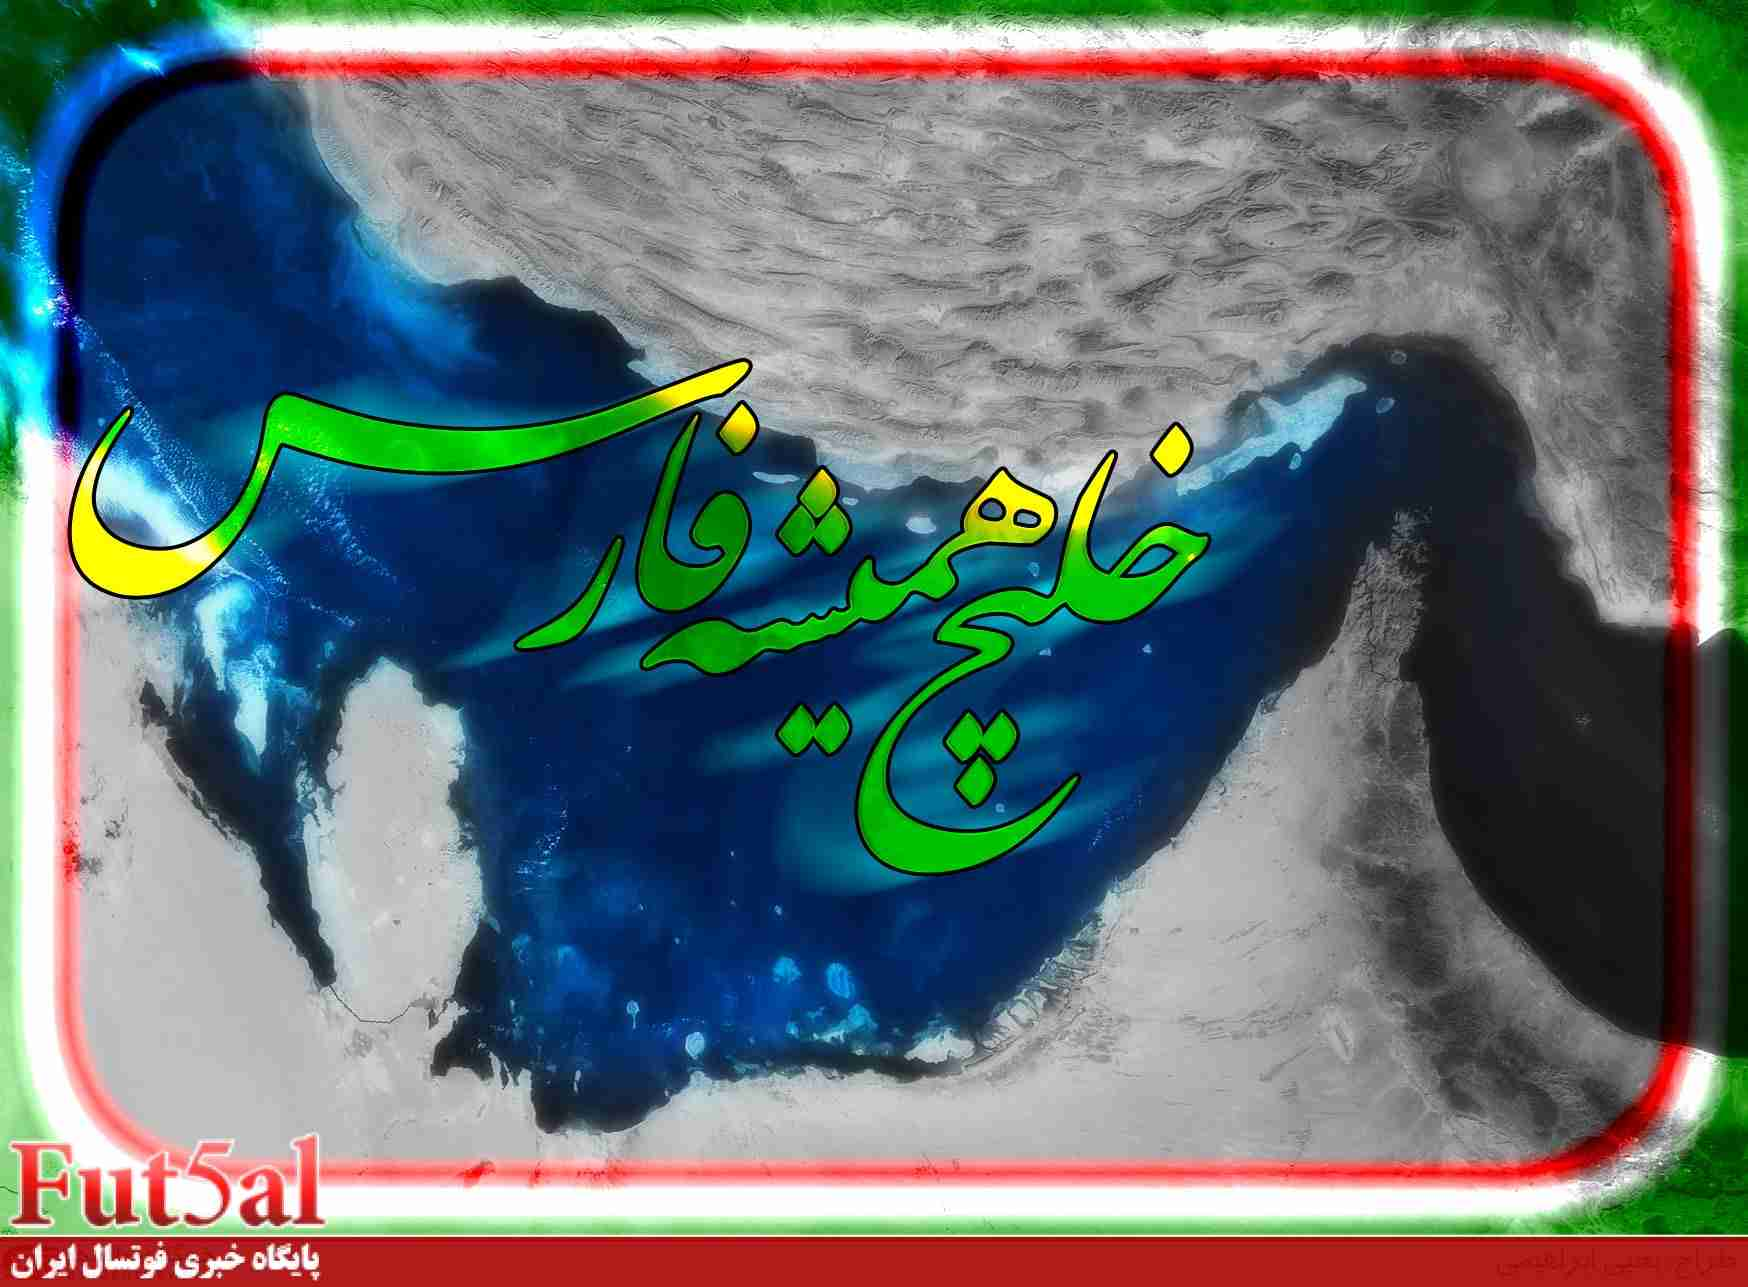 اعتراض مرکز مطالعات خلیج فارس به فدراسیون فوتبال/ جلوی ورود تیم الخلیج را بگیرید+ تصویر نامه